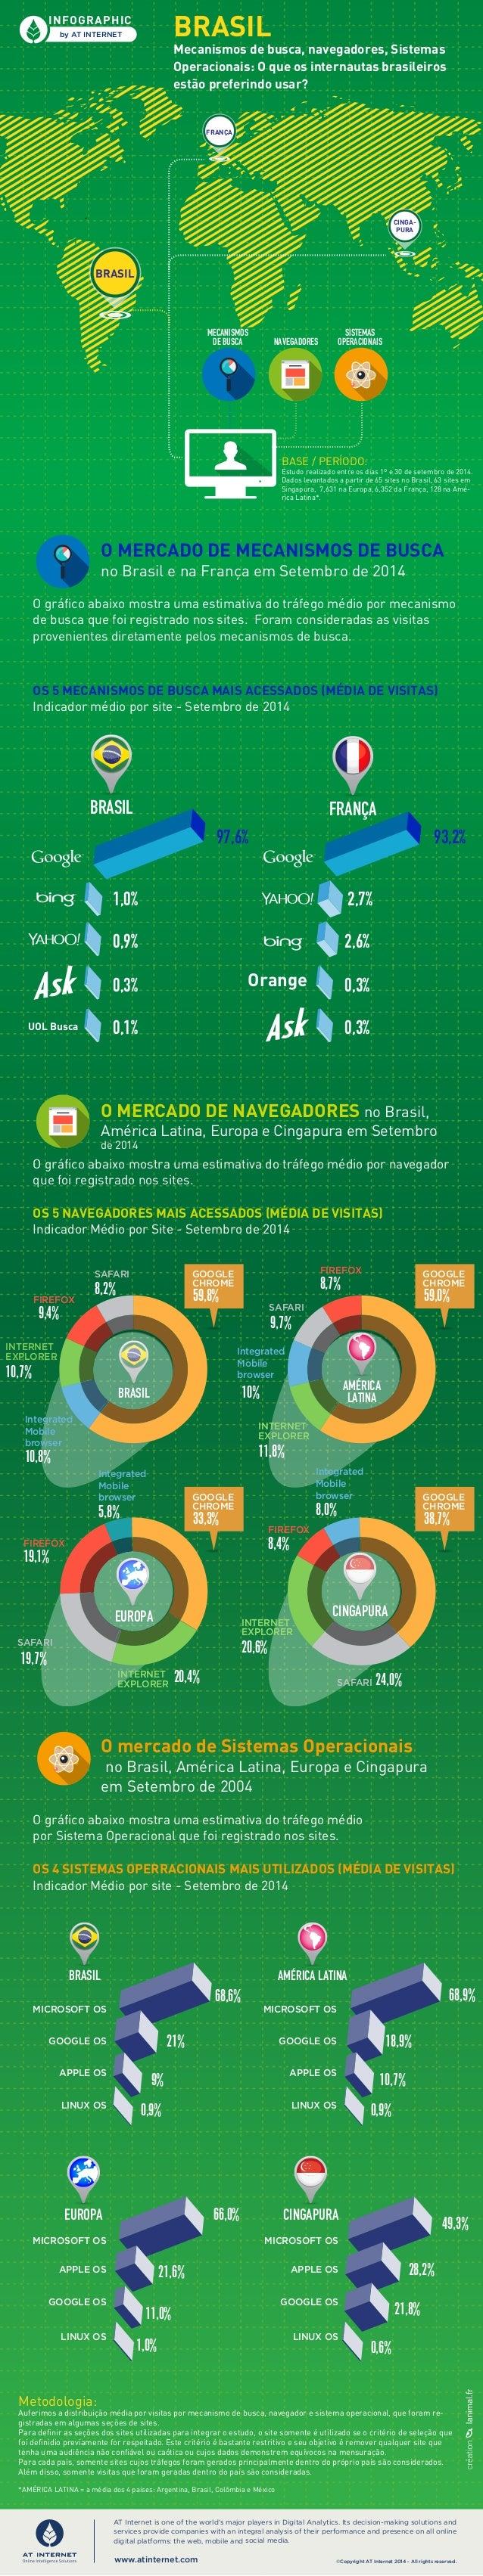 BRASIL  Mecanismos de busca, navegadores, Sistemas  Operacionais: O que os internautas brasileiros  estão preferindo usar?...